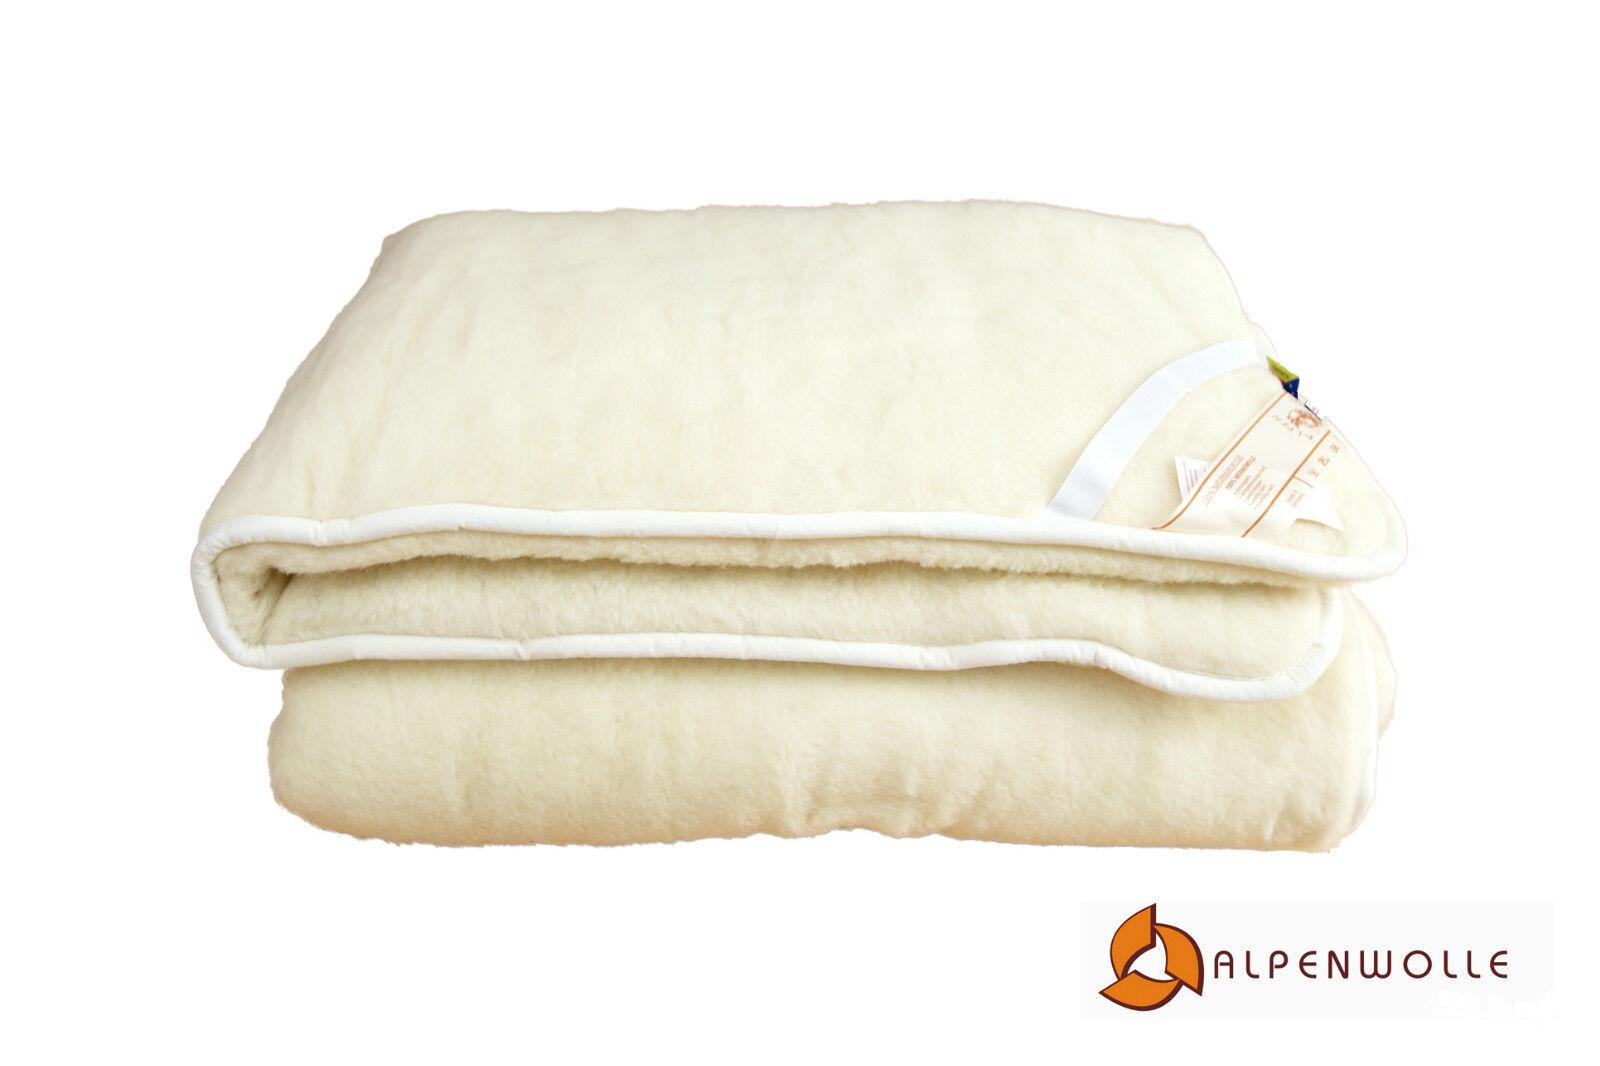 Unterbett Merinowolle doppelt Matratzenauflage Bettauflage Schonbezug